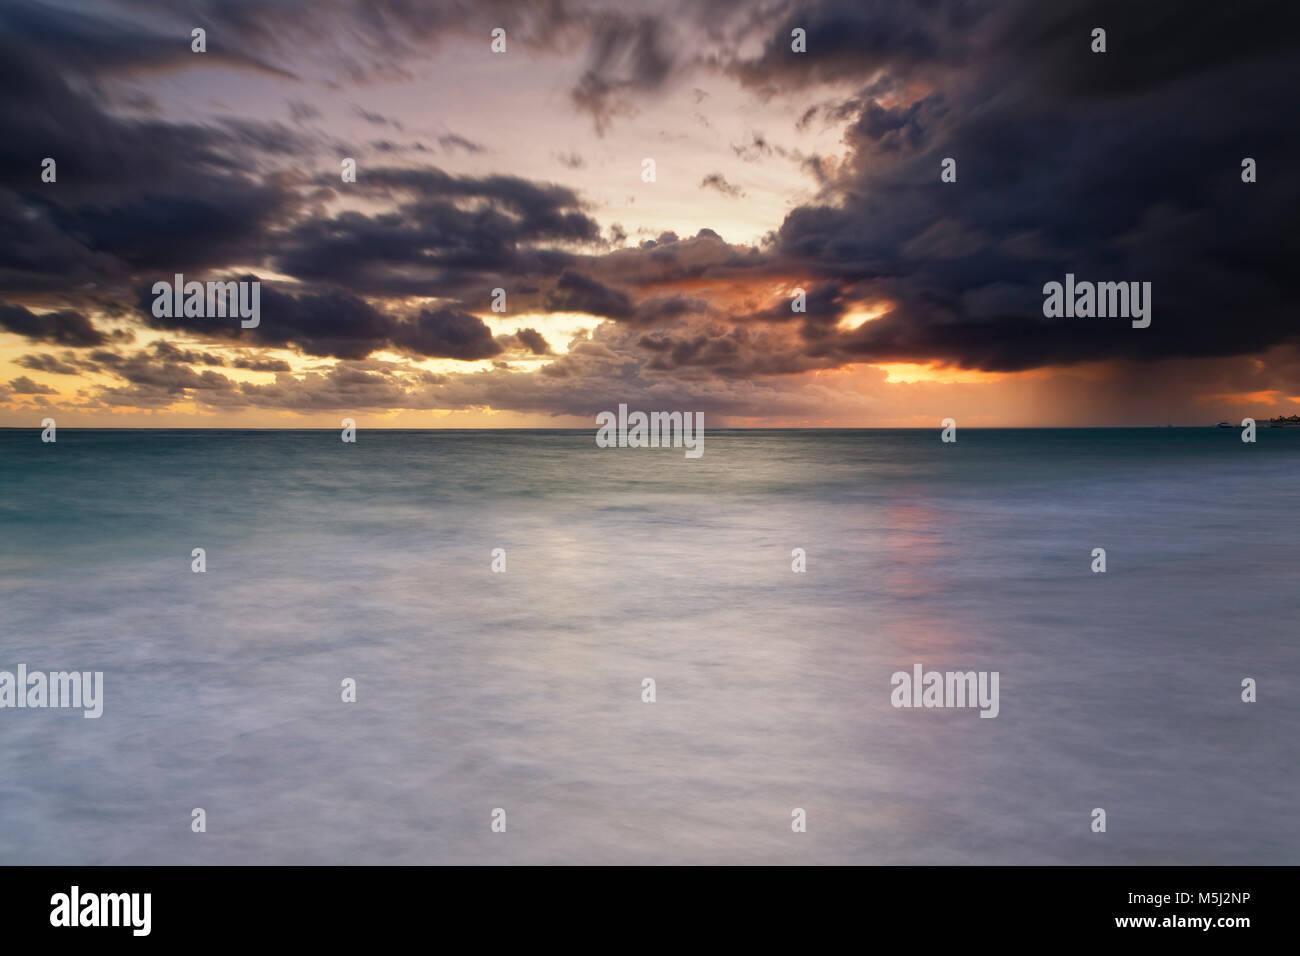 El Caribe, República Dominicana, Punta Cana, Playa Bávaro, vista a la mar al amanecer. Imagen De Stock